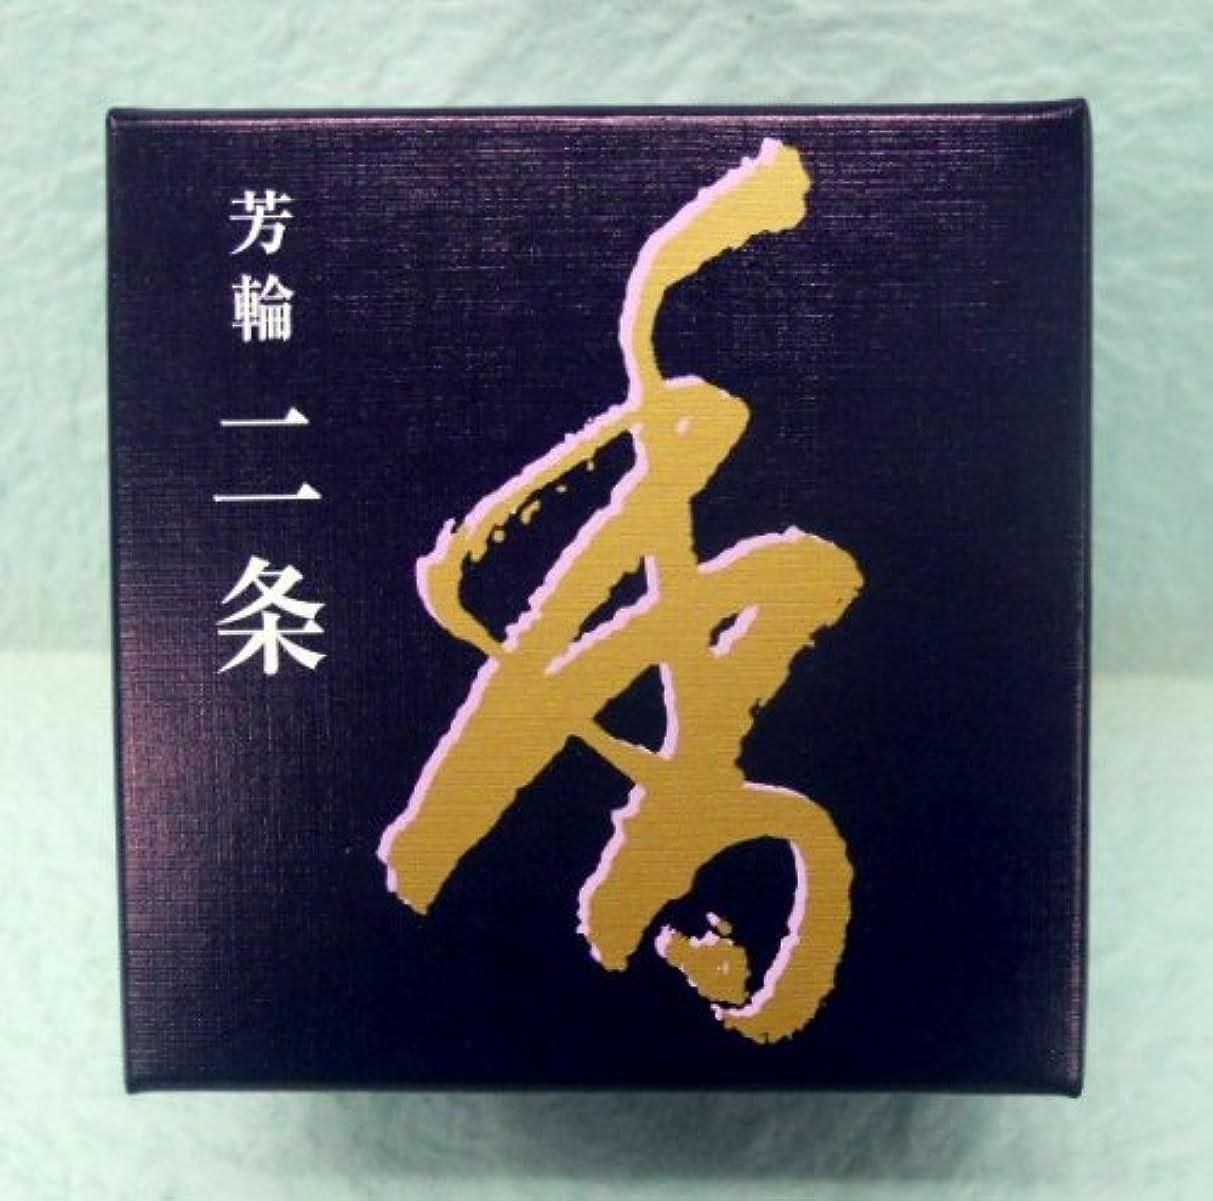 必要ない汚染された過去《茶道具?お香》お香 芳輪?二条 渦巻10枚 松栄堂製 (時間指定可)